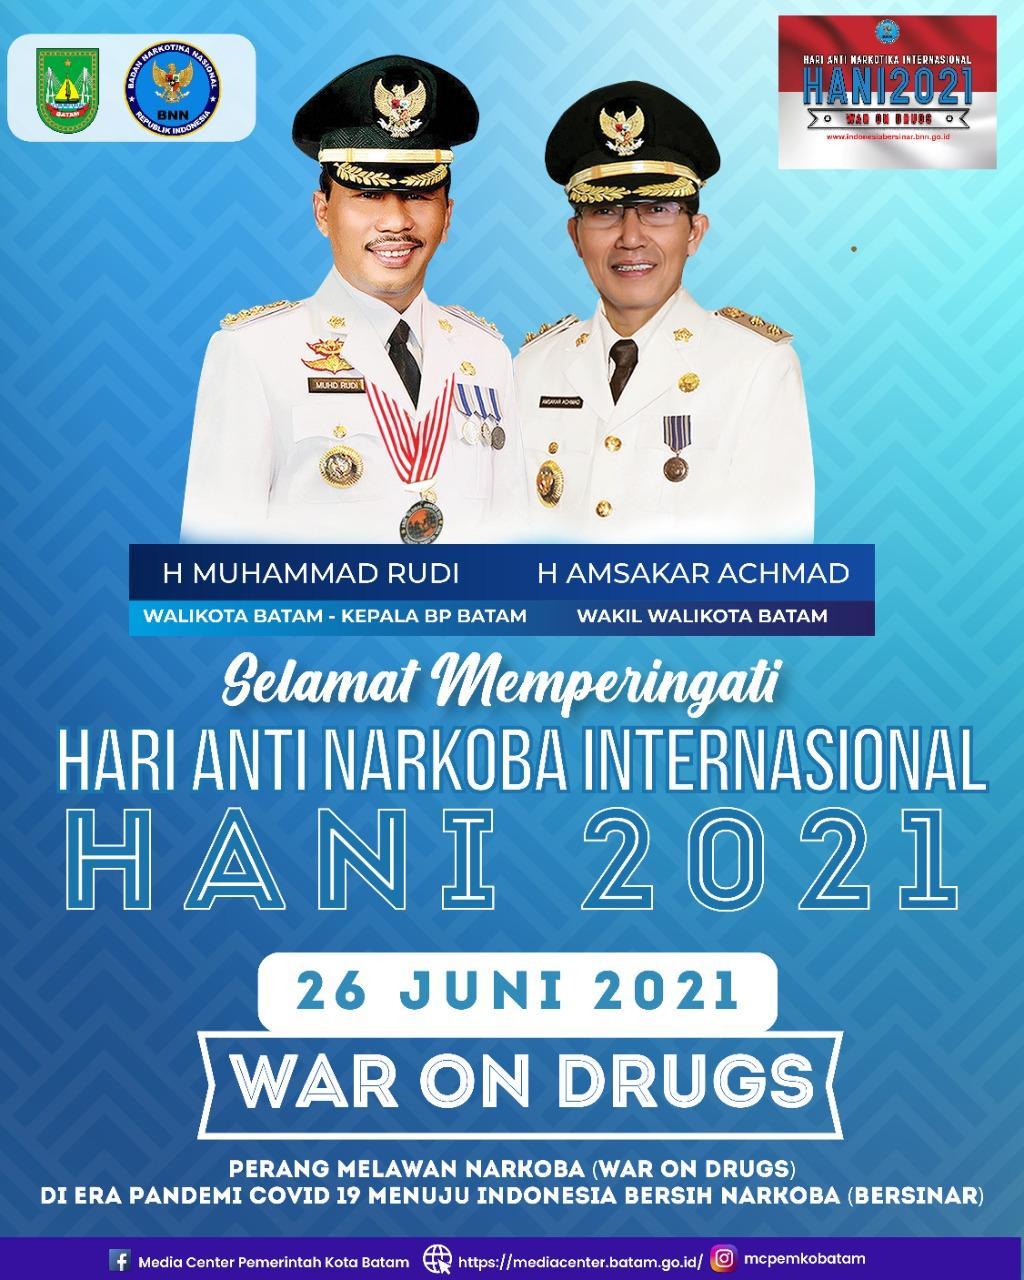 Rudi-Amsakar Ucapkan Selamat HANI 2021, Bangun Kolektivitas Selamatkan Generasi dan Bangsa dari Bahaya Narkoba